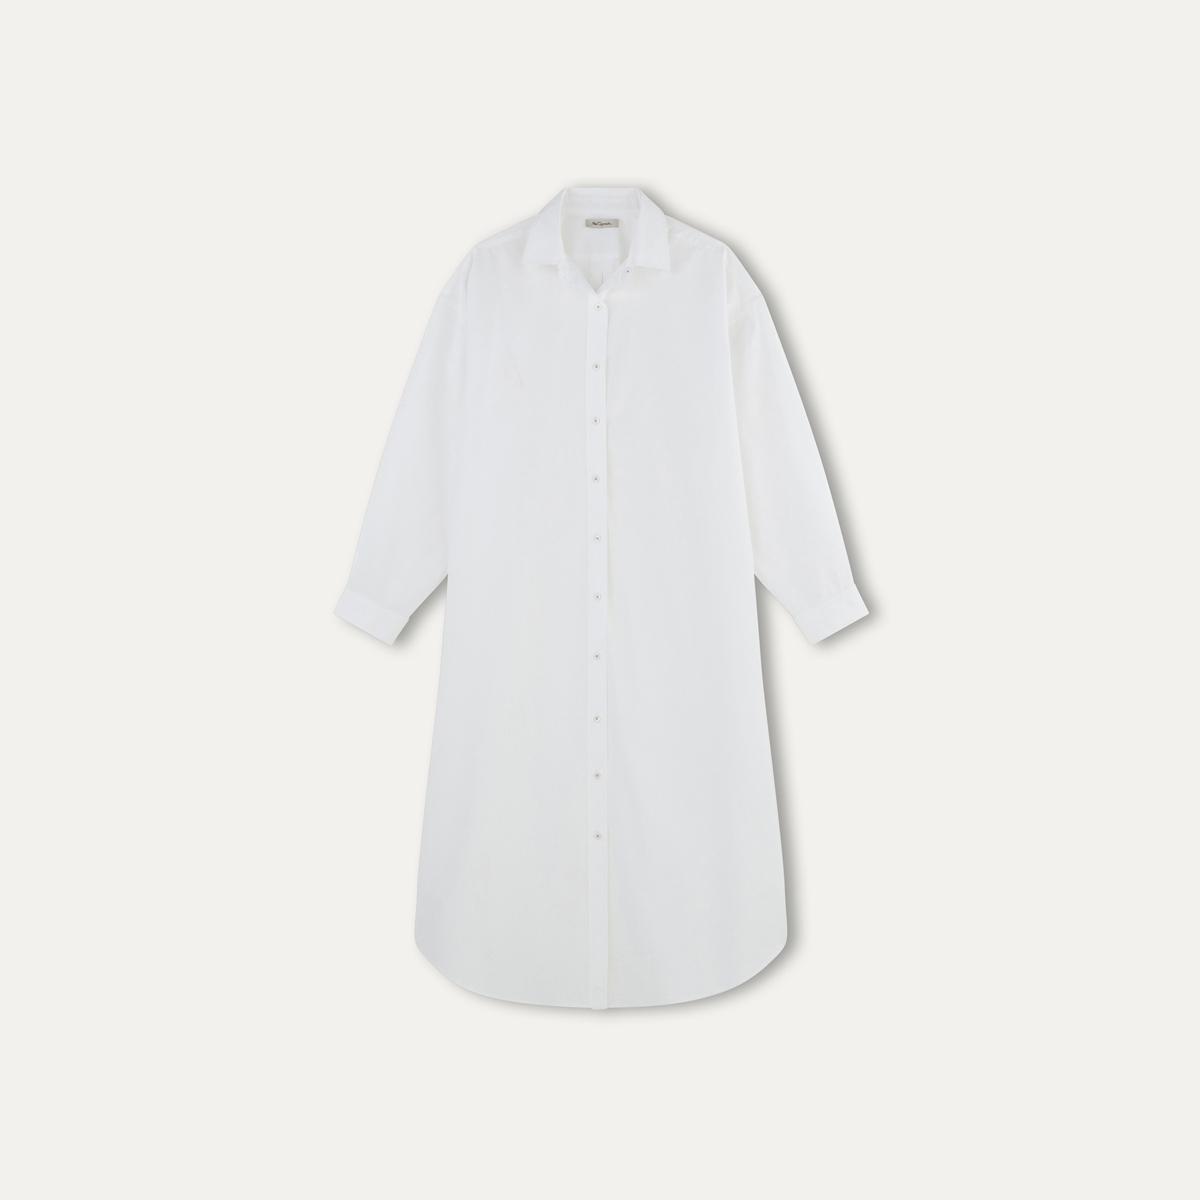 Платье-рубашка KAMISETA LONGПлатье-рубашка длинное - модель KAMISETA LONG 100% хлопок. Рубашечный воротник. Застежка на пуговицы спереди и манжет . длинные рукава. Прямой покрой. Закругленный низ.  Состав и описание:    Материал : 100% хлопок   Марка : MES DEMOISELLES<br><br>Цвет: белый,зелено-синий<br>Размер: S/M